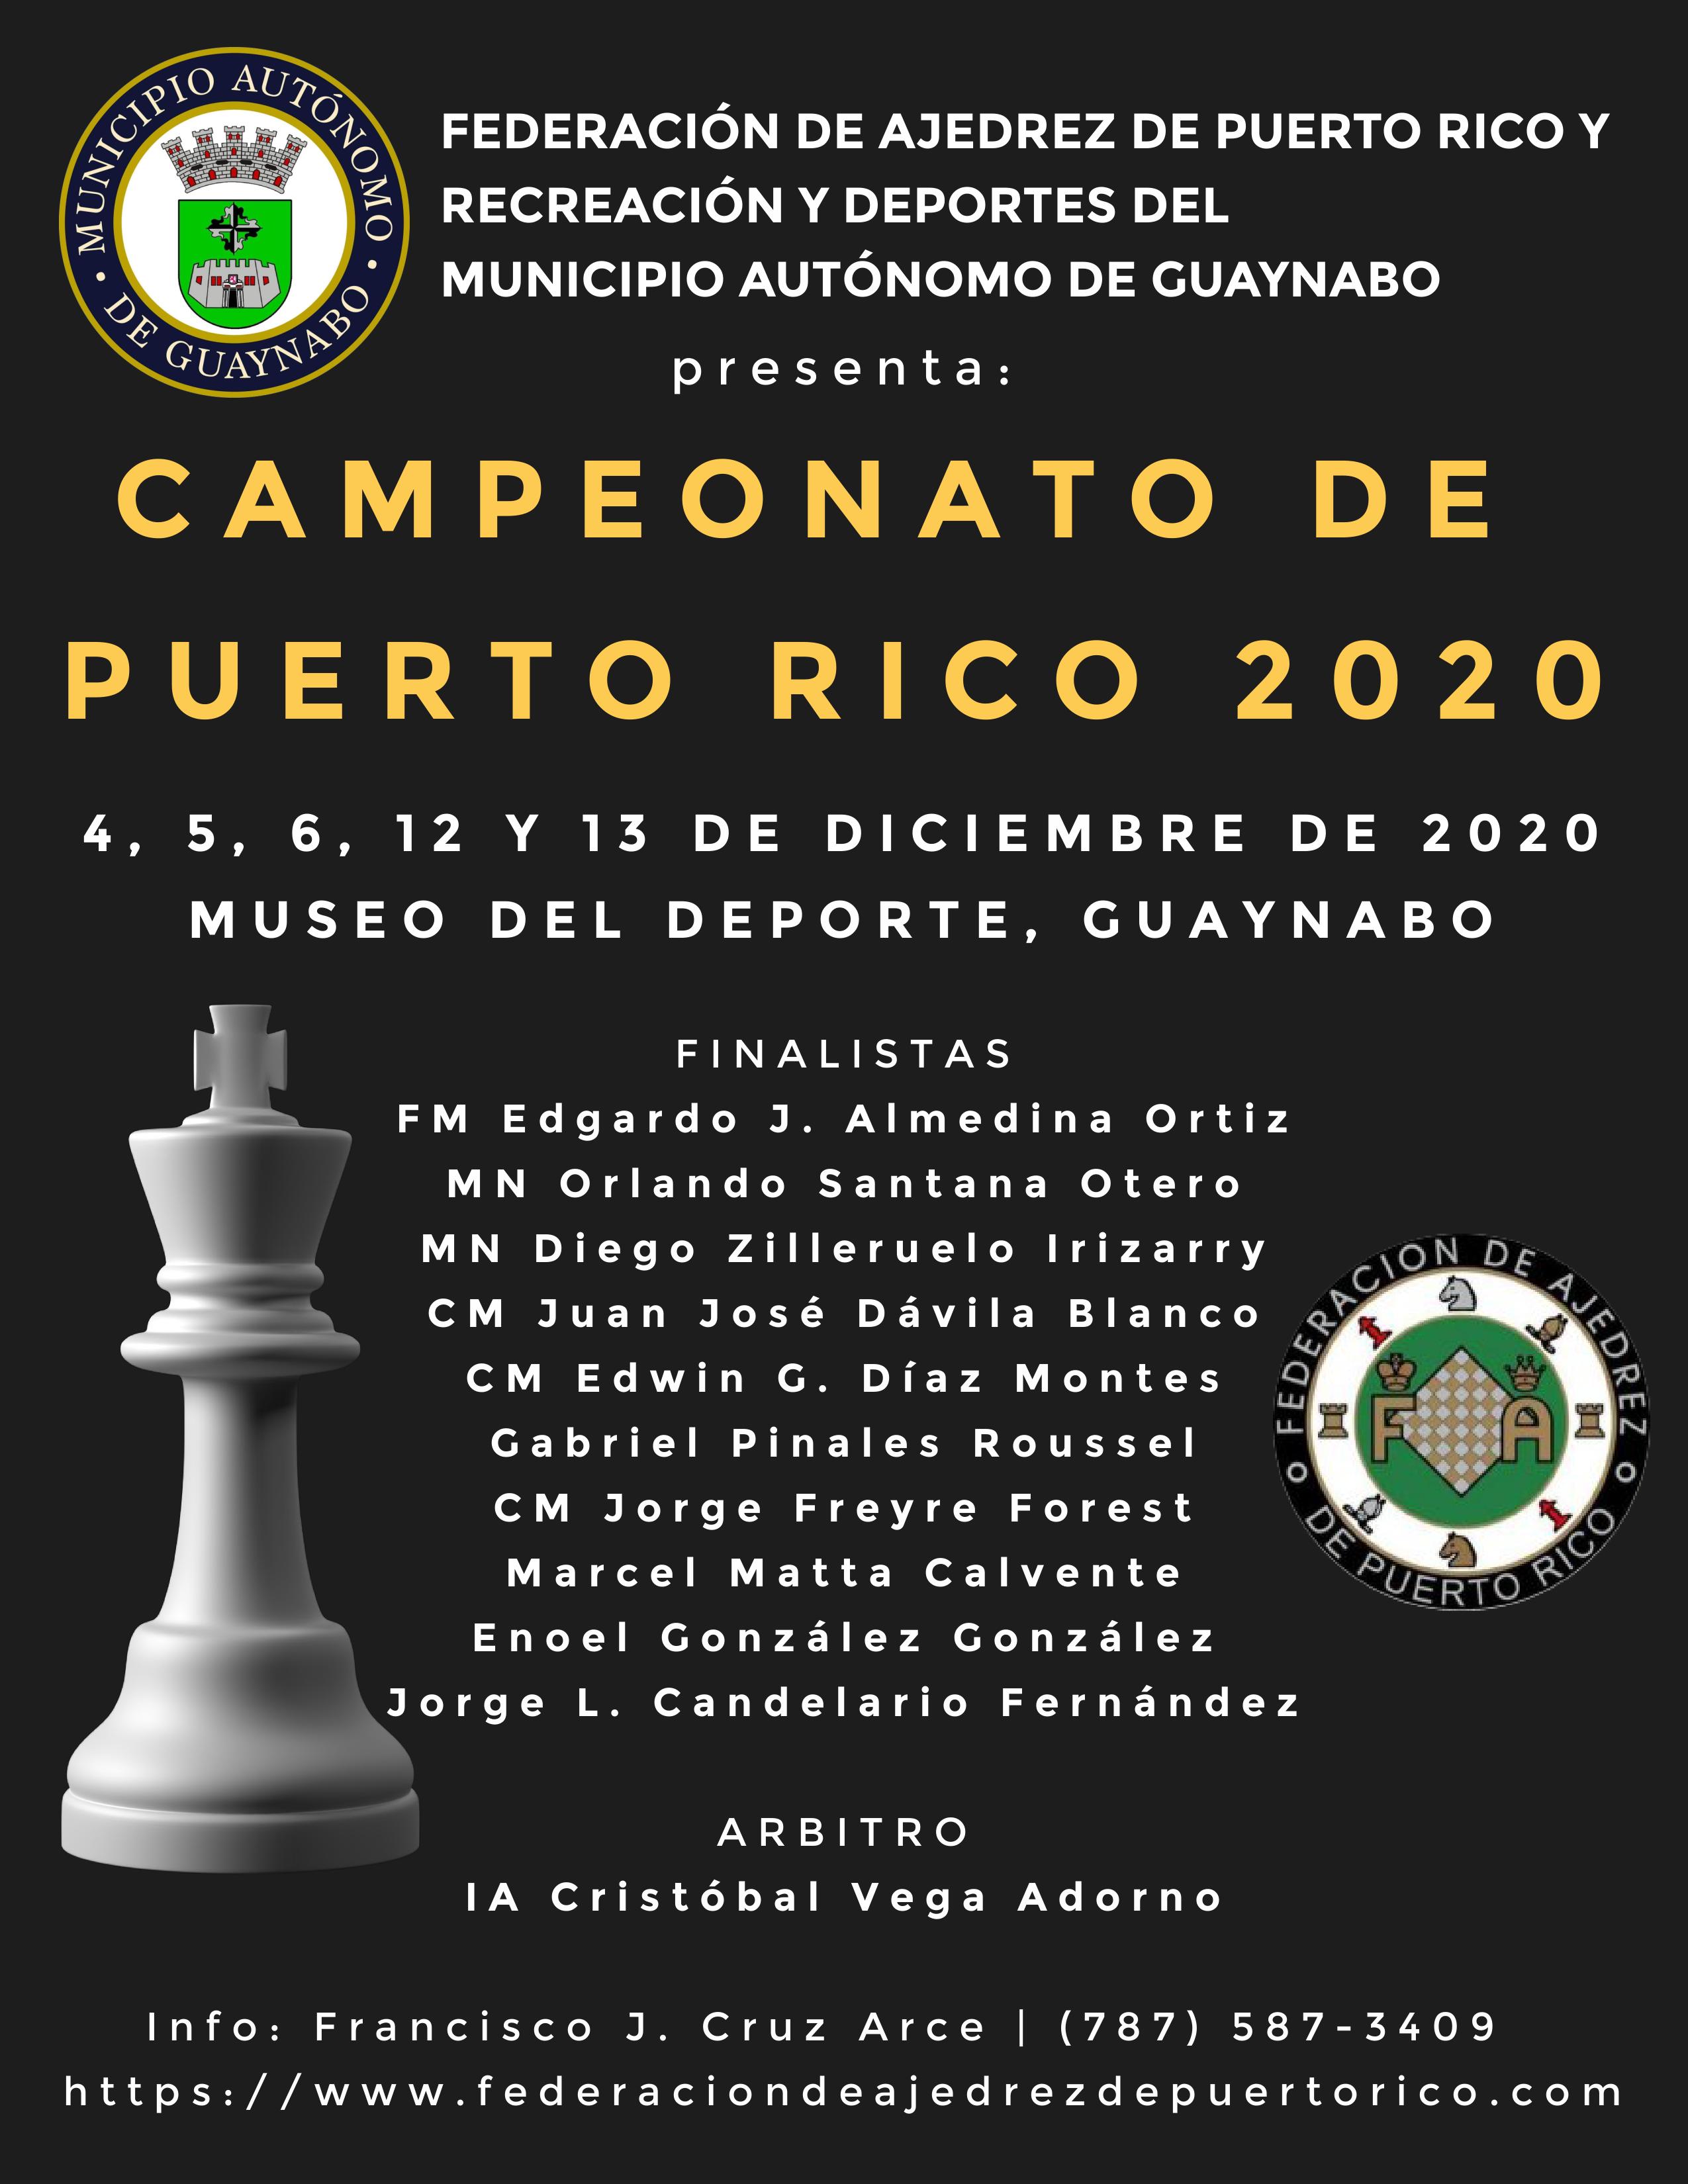 Campeonato de Puerto Rico 2020 (Flyer).p